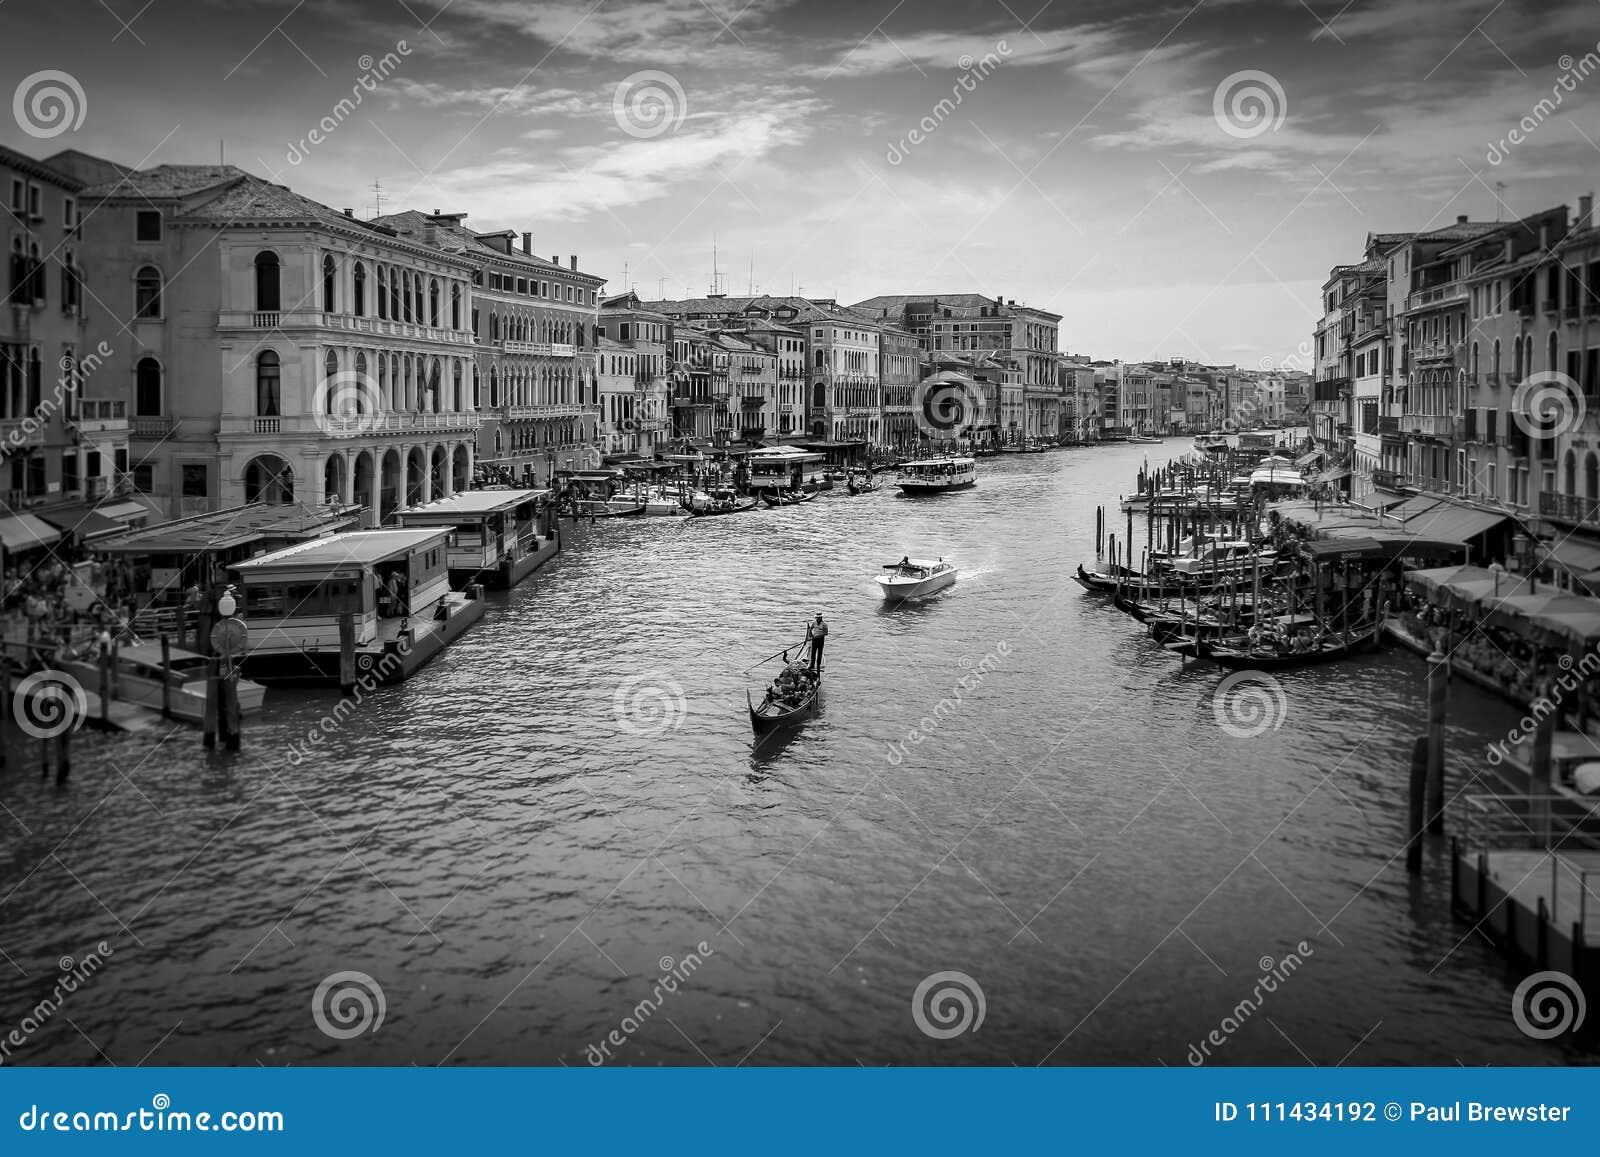 Het kanaal van Venetië en gondel en boten van de Rialto-Brug in zwart-wit